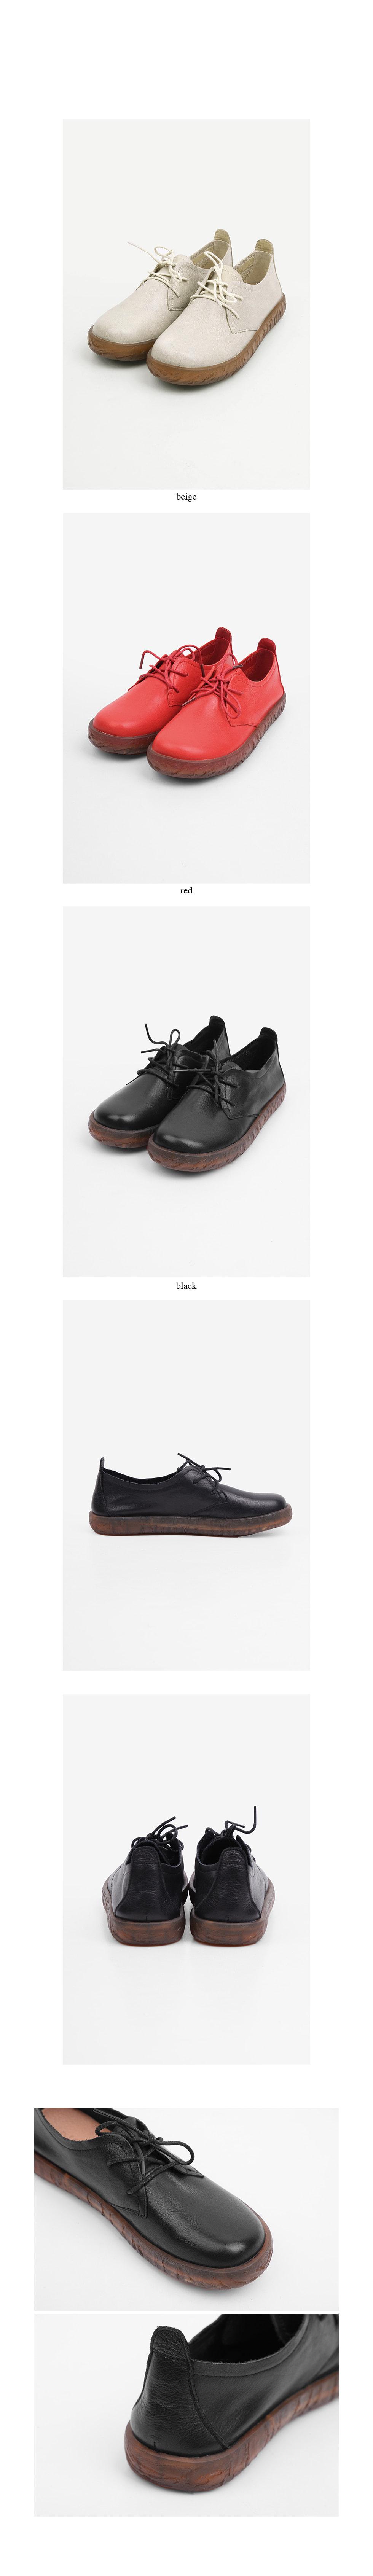 rubber sole toe shoes